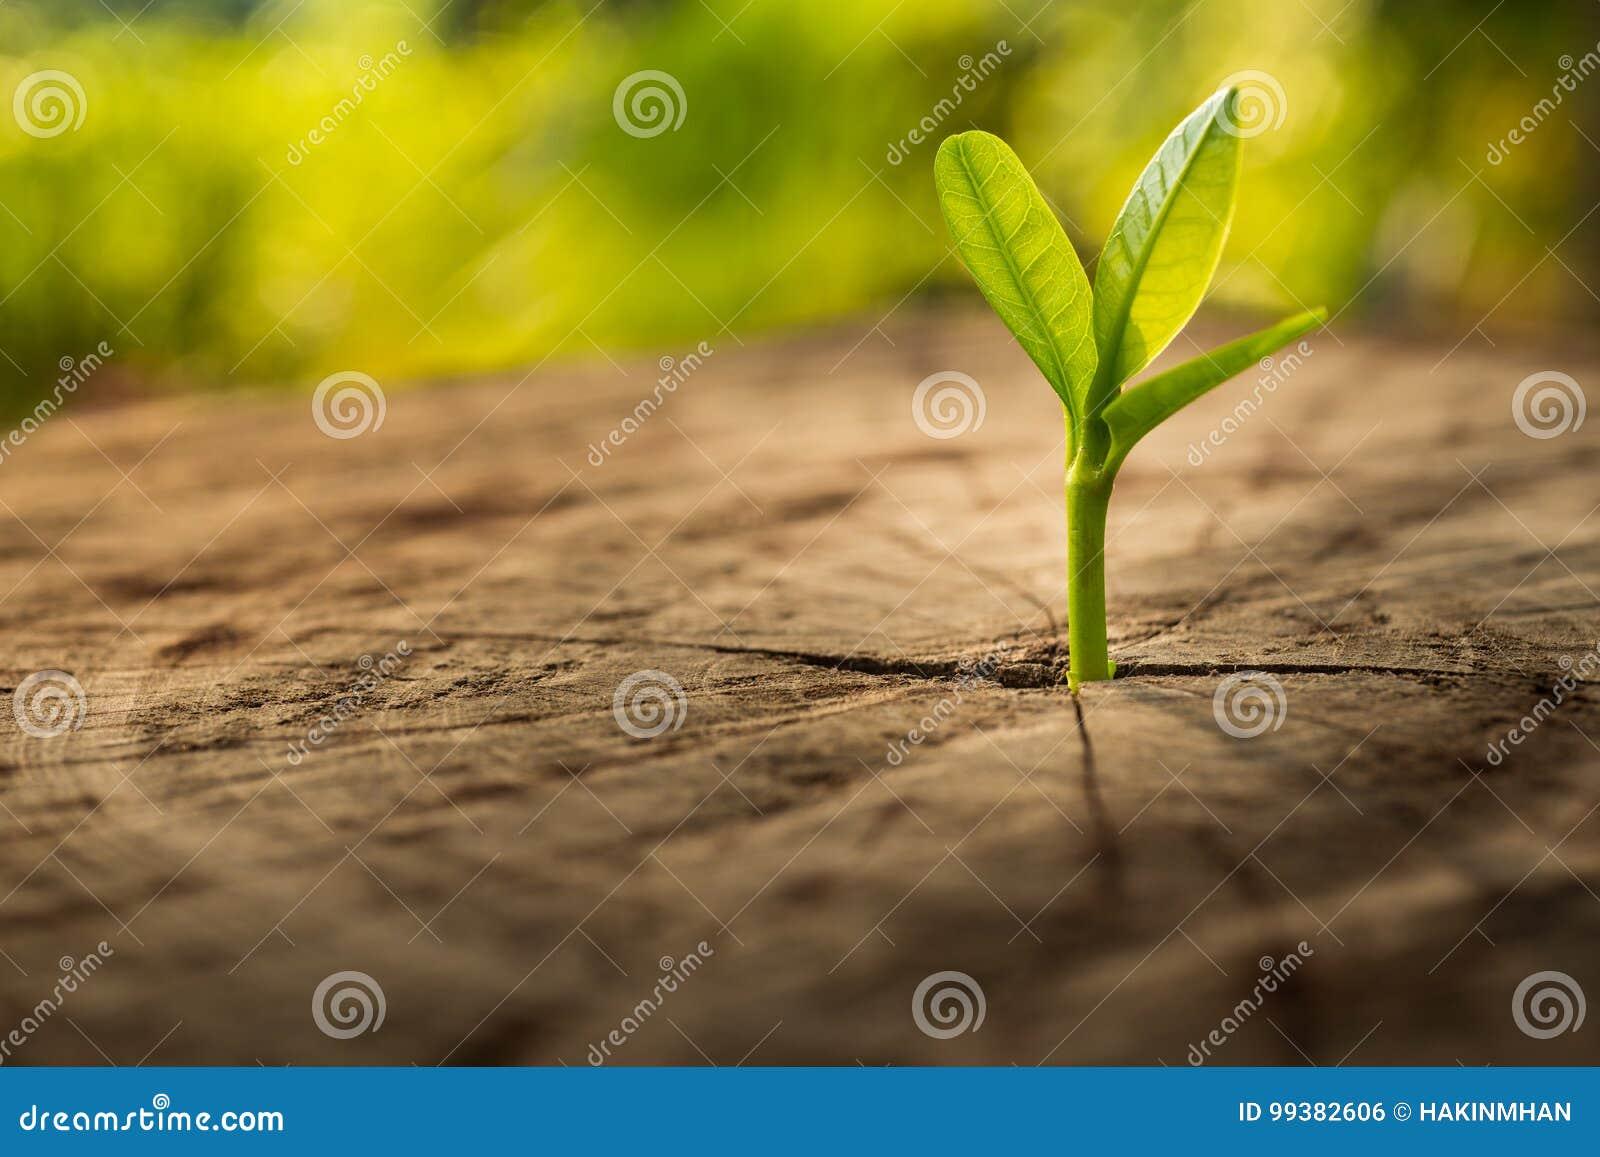 Nuovo concetto di vita con l albero crescente del germoglio della piantina